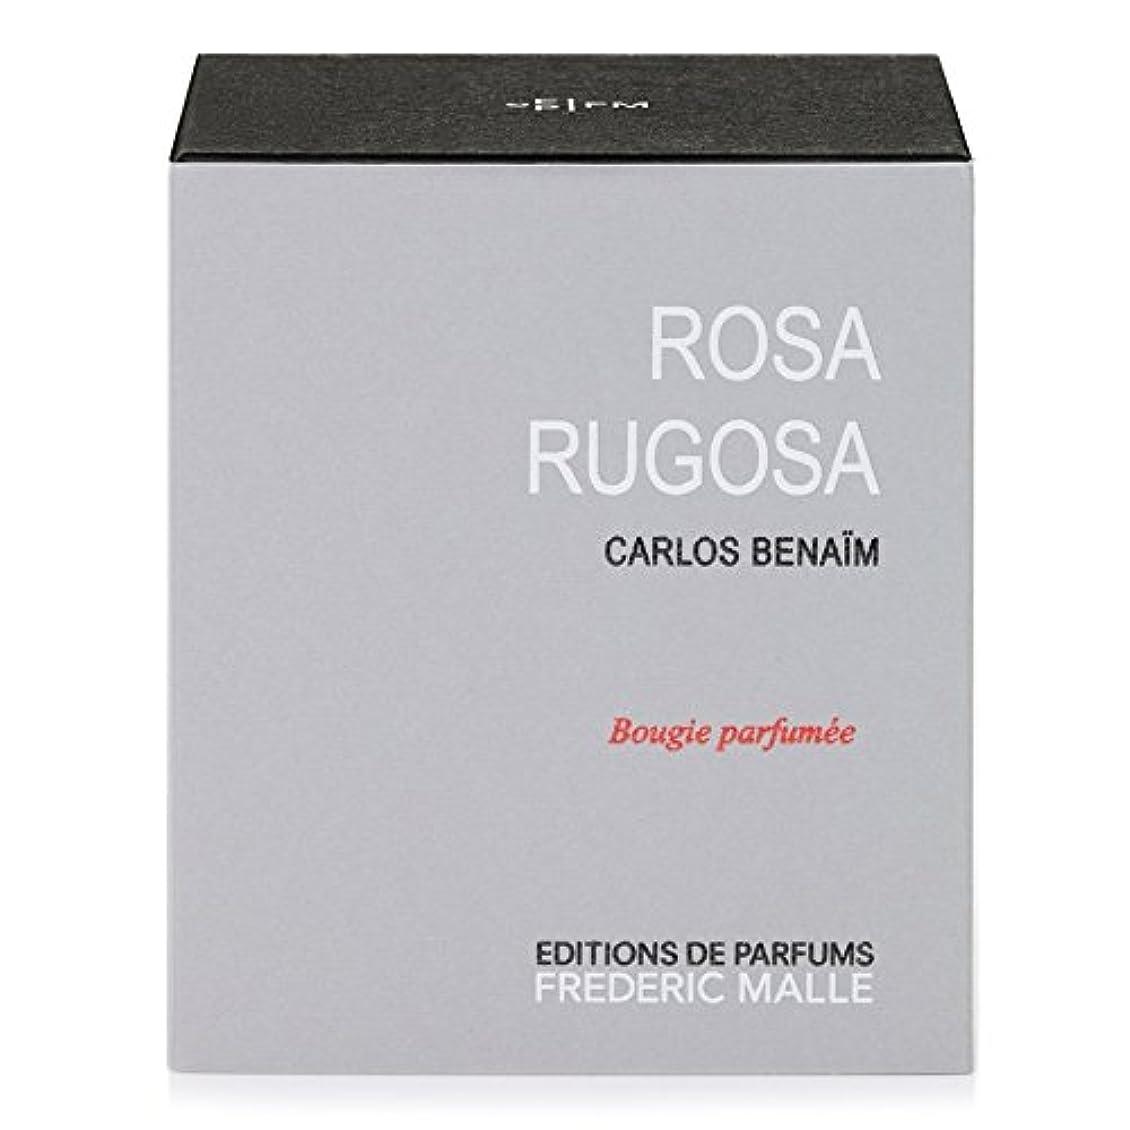 動機腐食する悲しいFrederic Malle Rosa Rugosa Scented Candle (Pack of 4) - フレデリック?マルハマナスの香りのキャンドル x4 [並行輸入品]